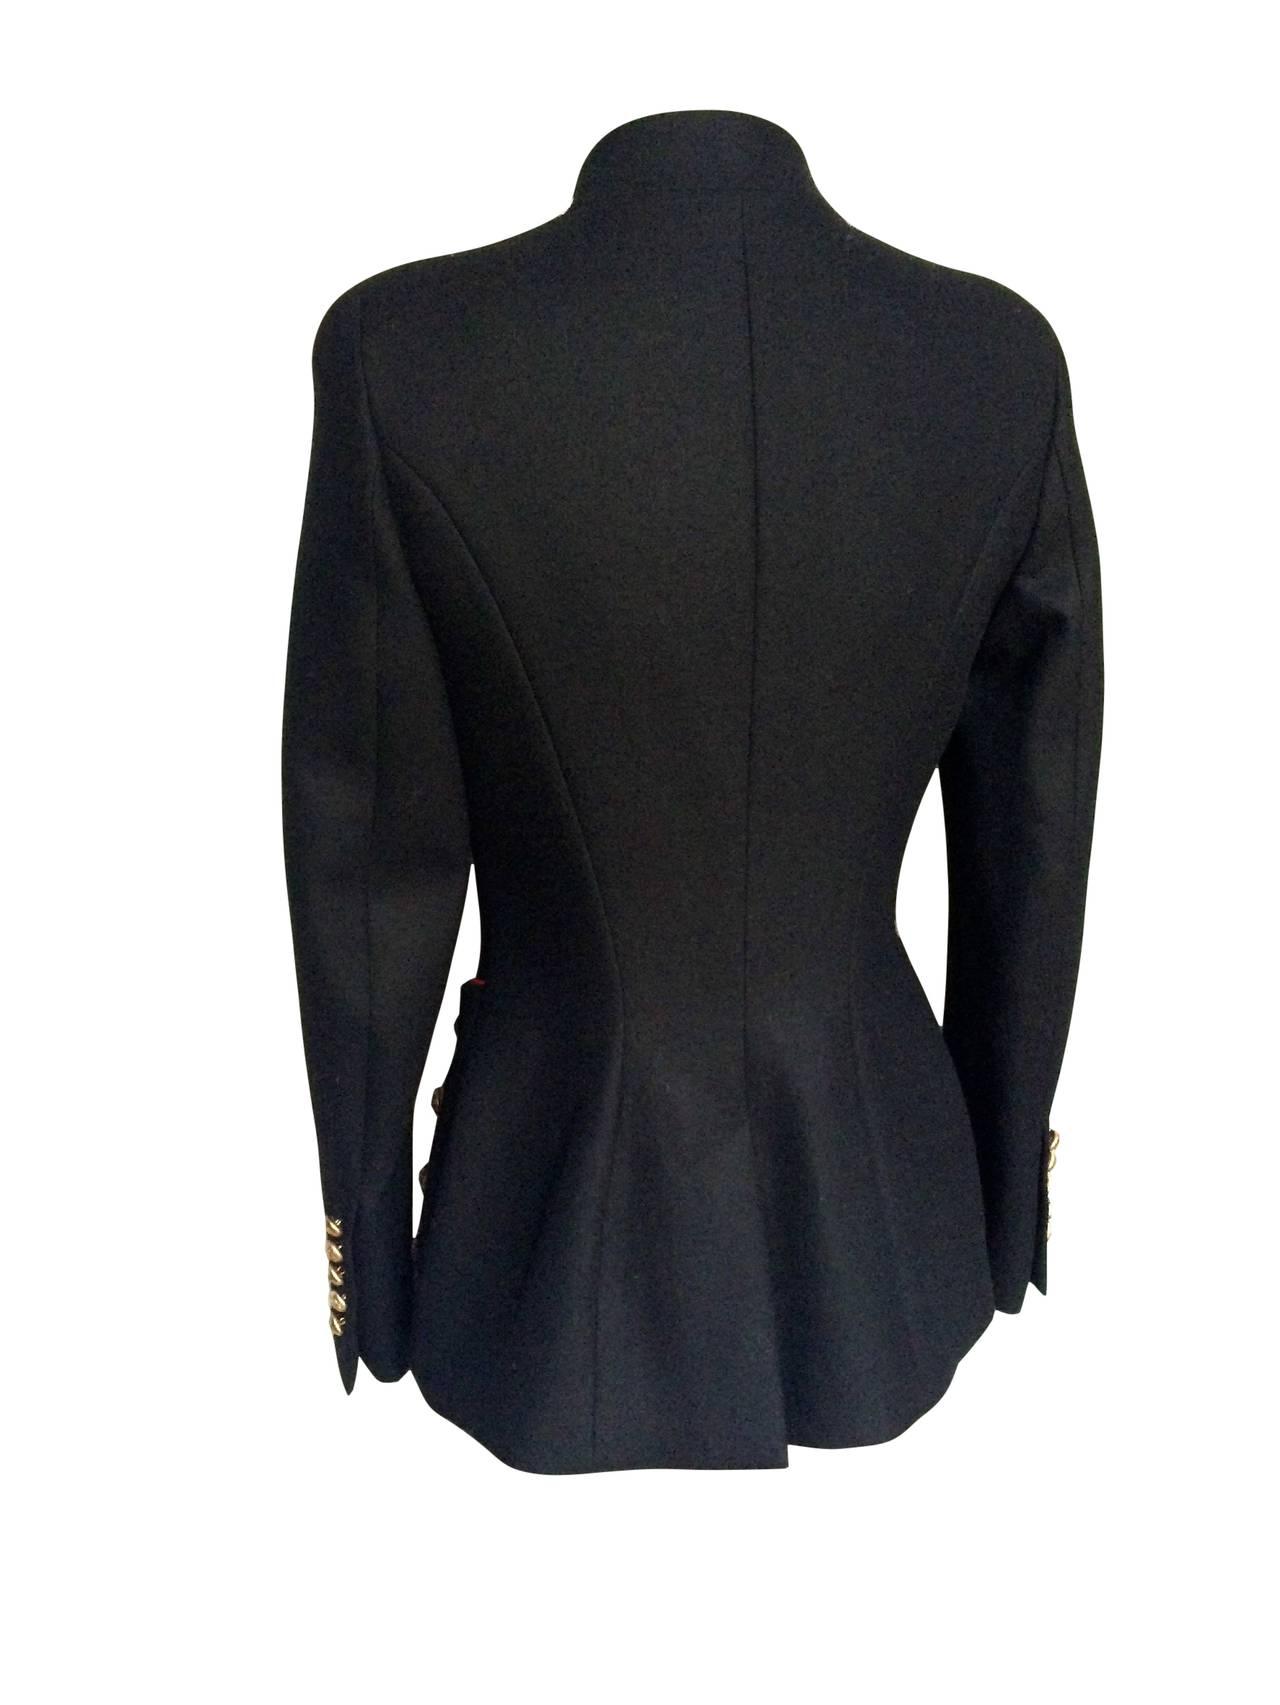 2011 Alexander McQueen Wool Jacket 7